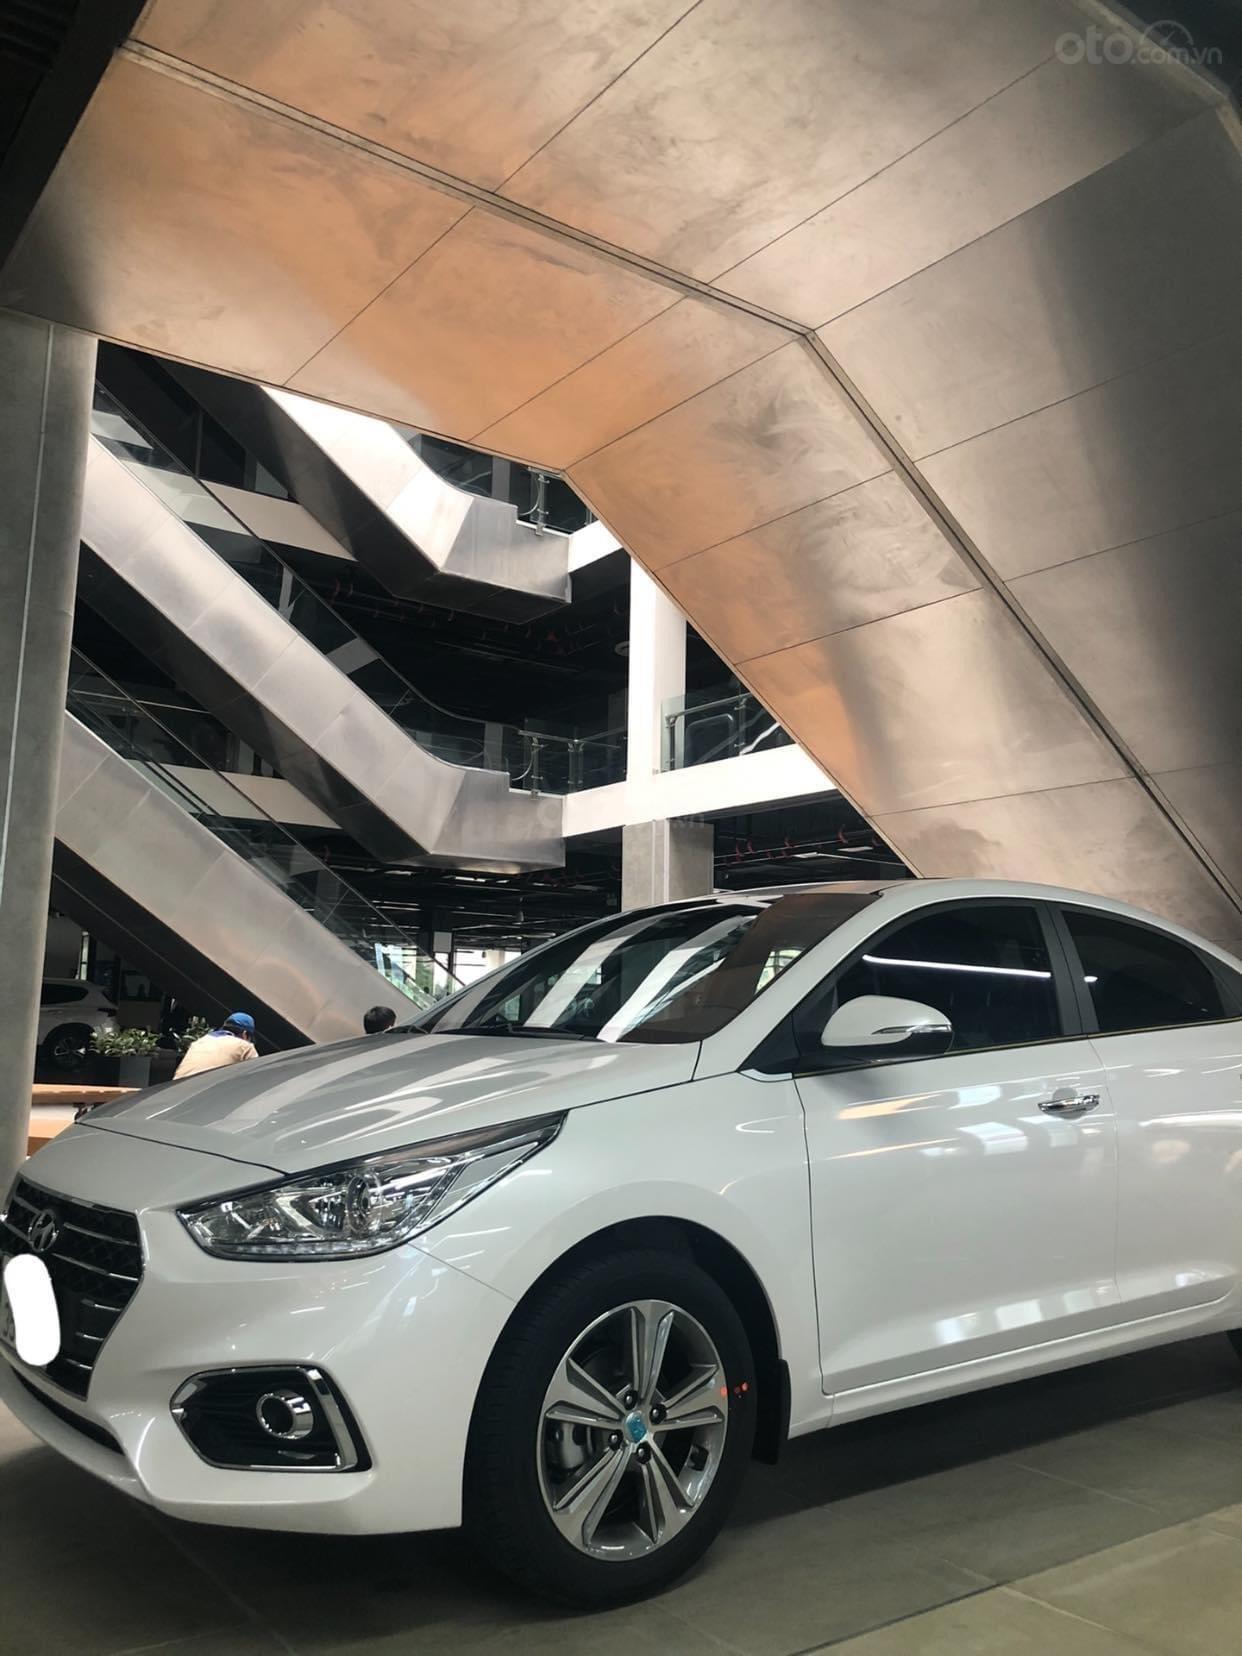 Giảm giá sâu Hyundai Accent 1.4 AT đặc biệt 2020 mới 100% (2)